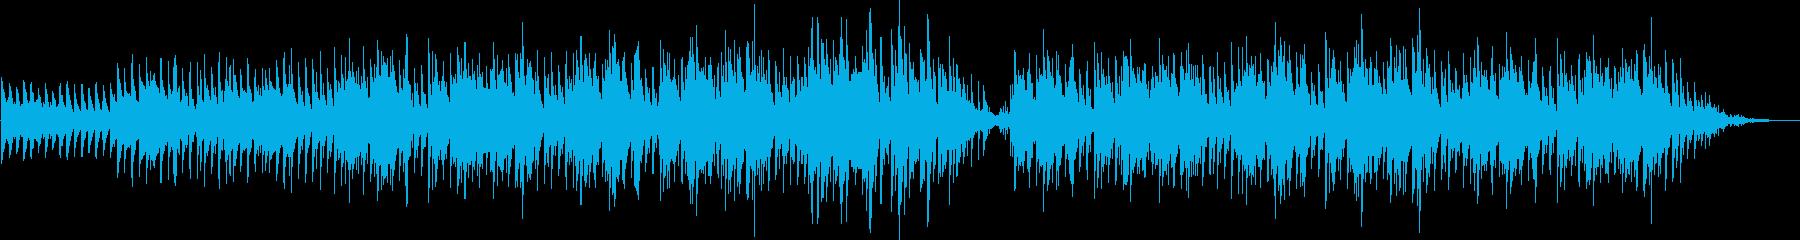 切ない回想シーン、透き通ったピアノメロの再生済みの波形